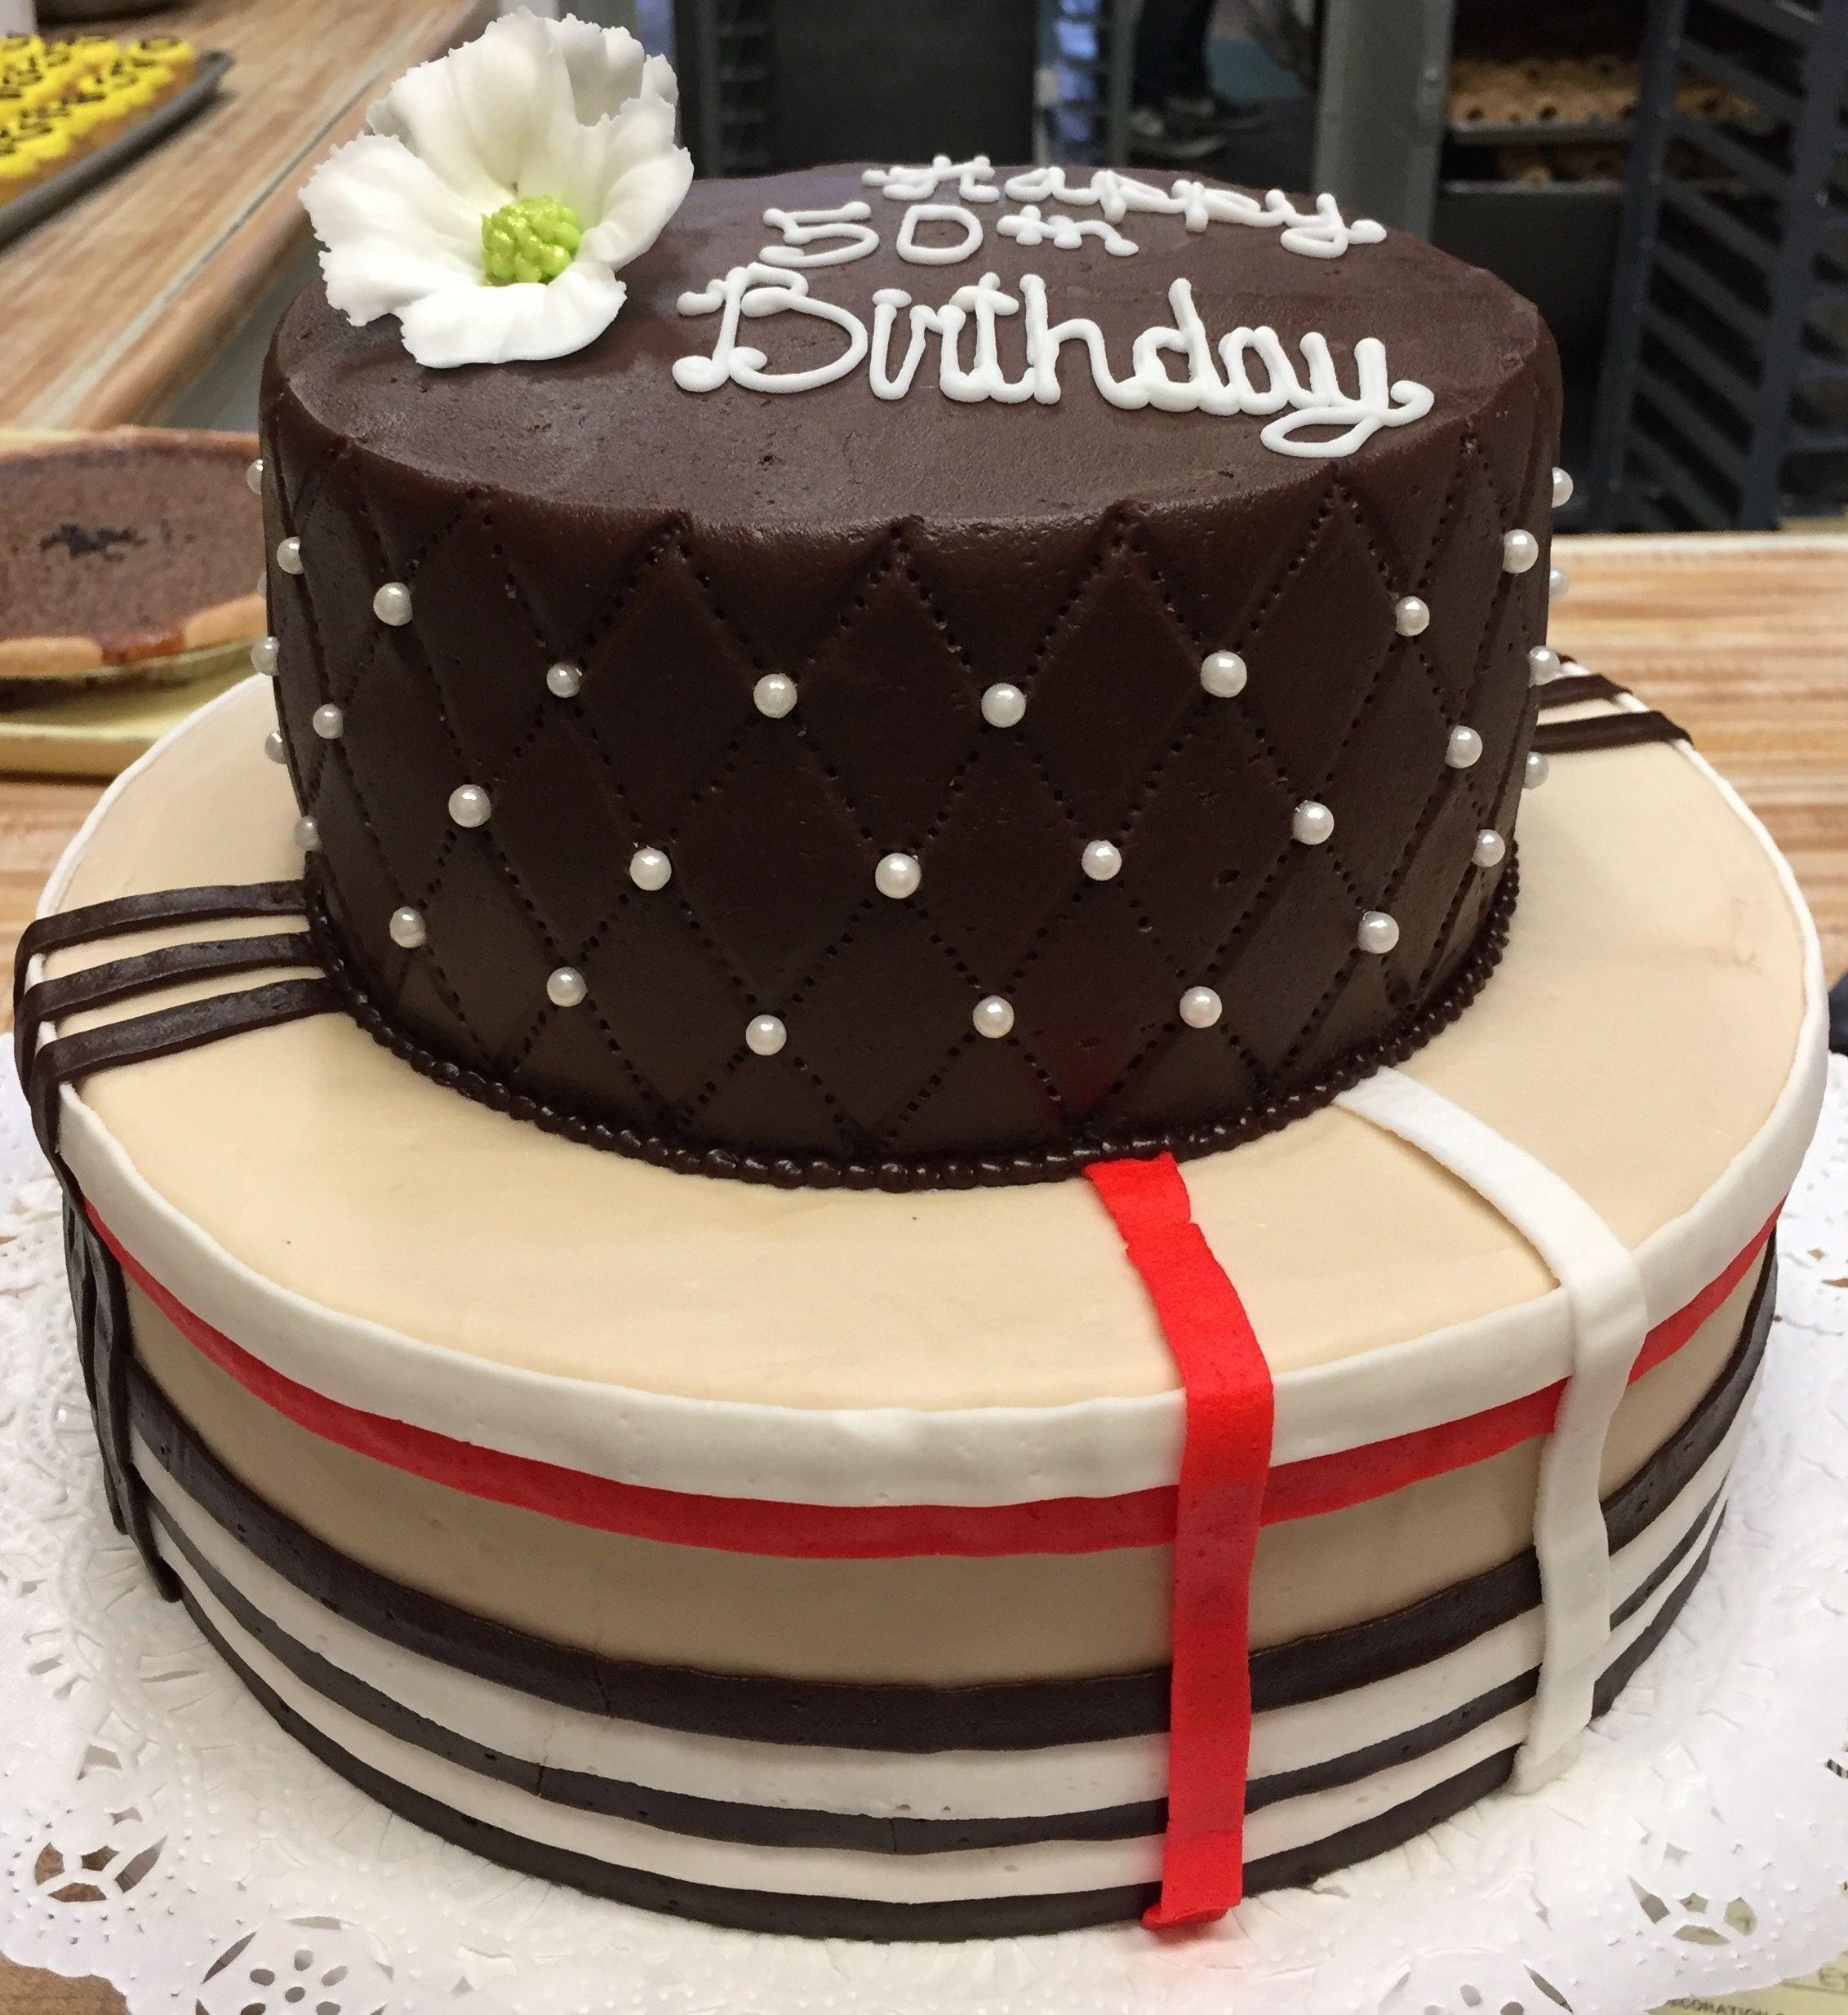 2 Tier Birthday Cake Westhampton Pastry Shop Richmond VA